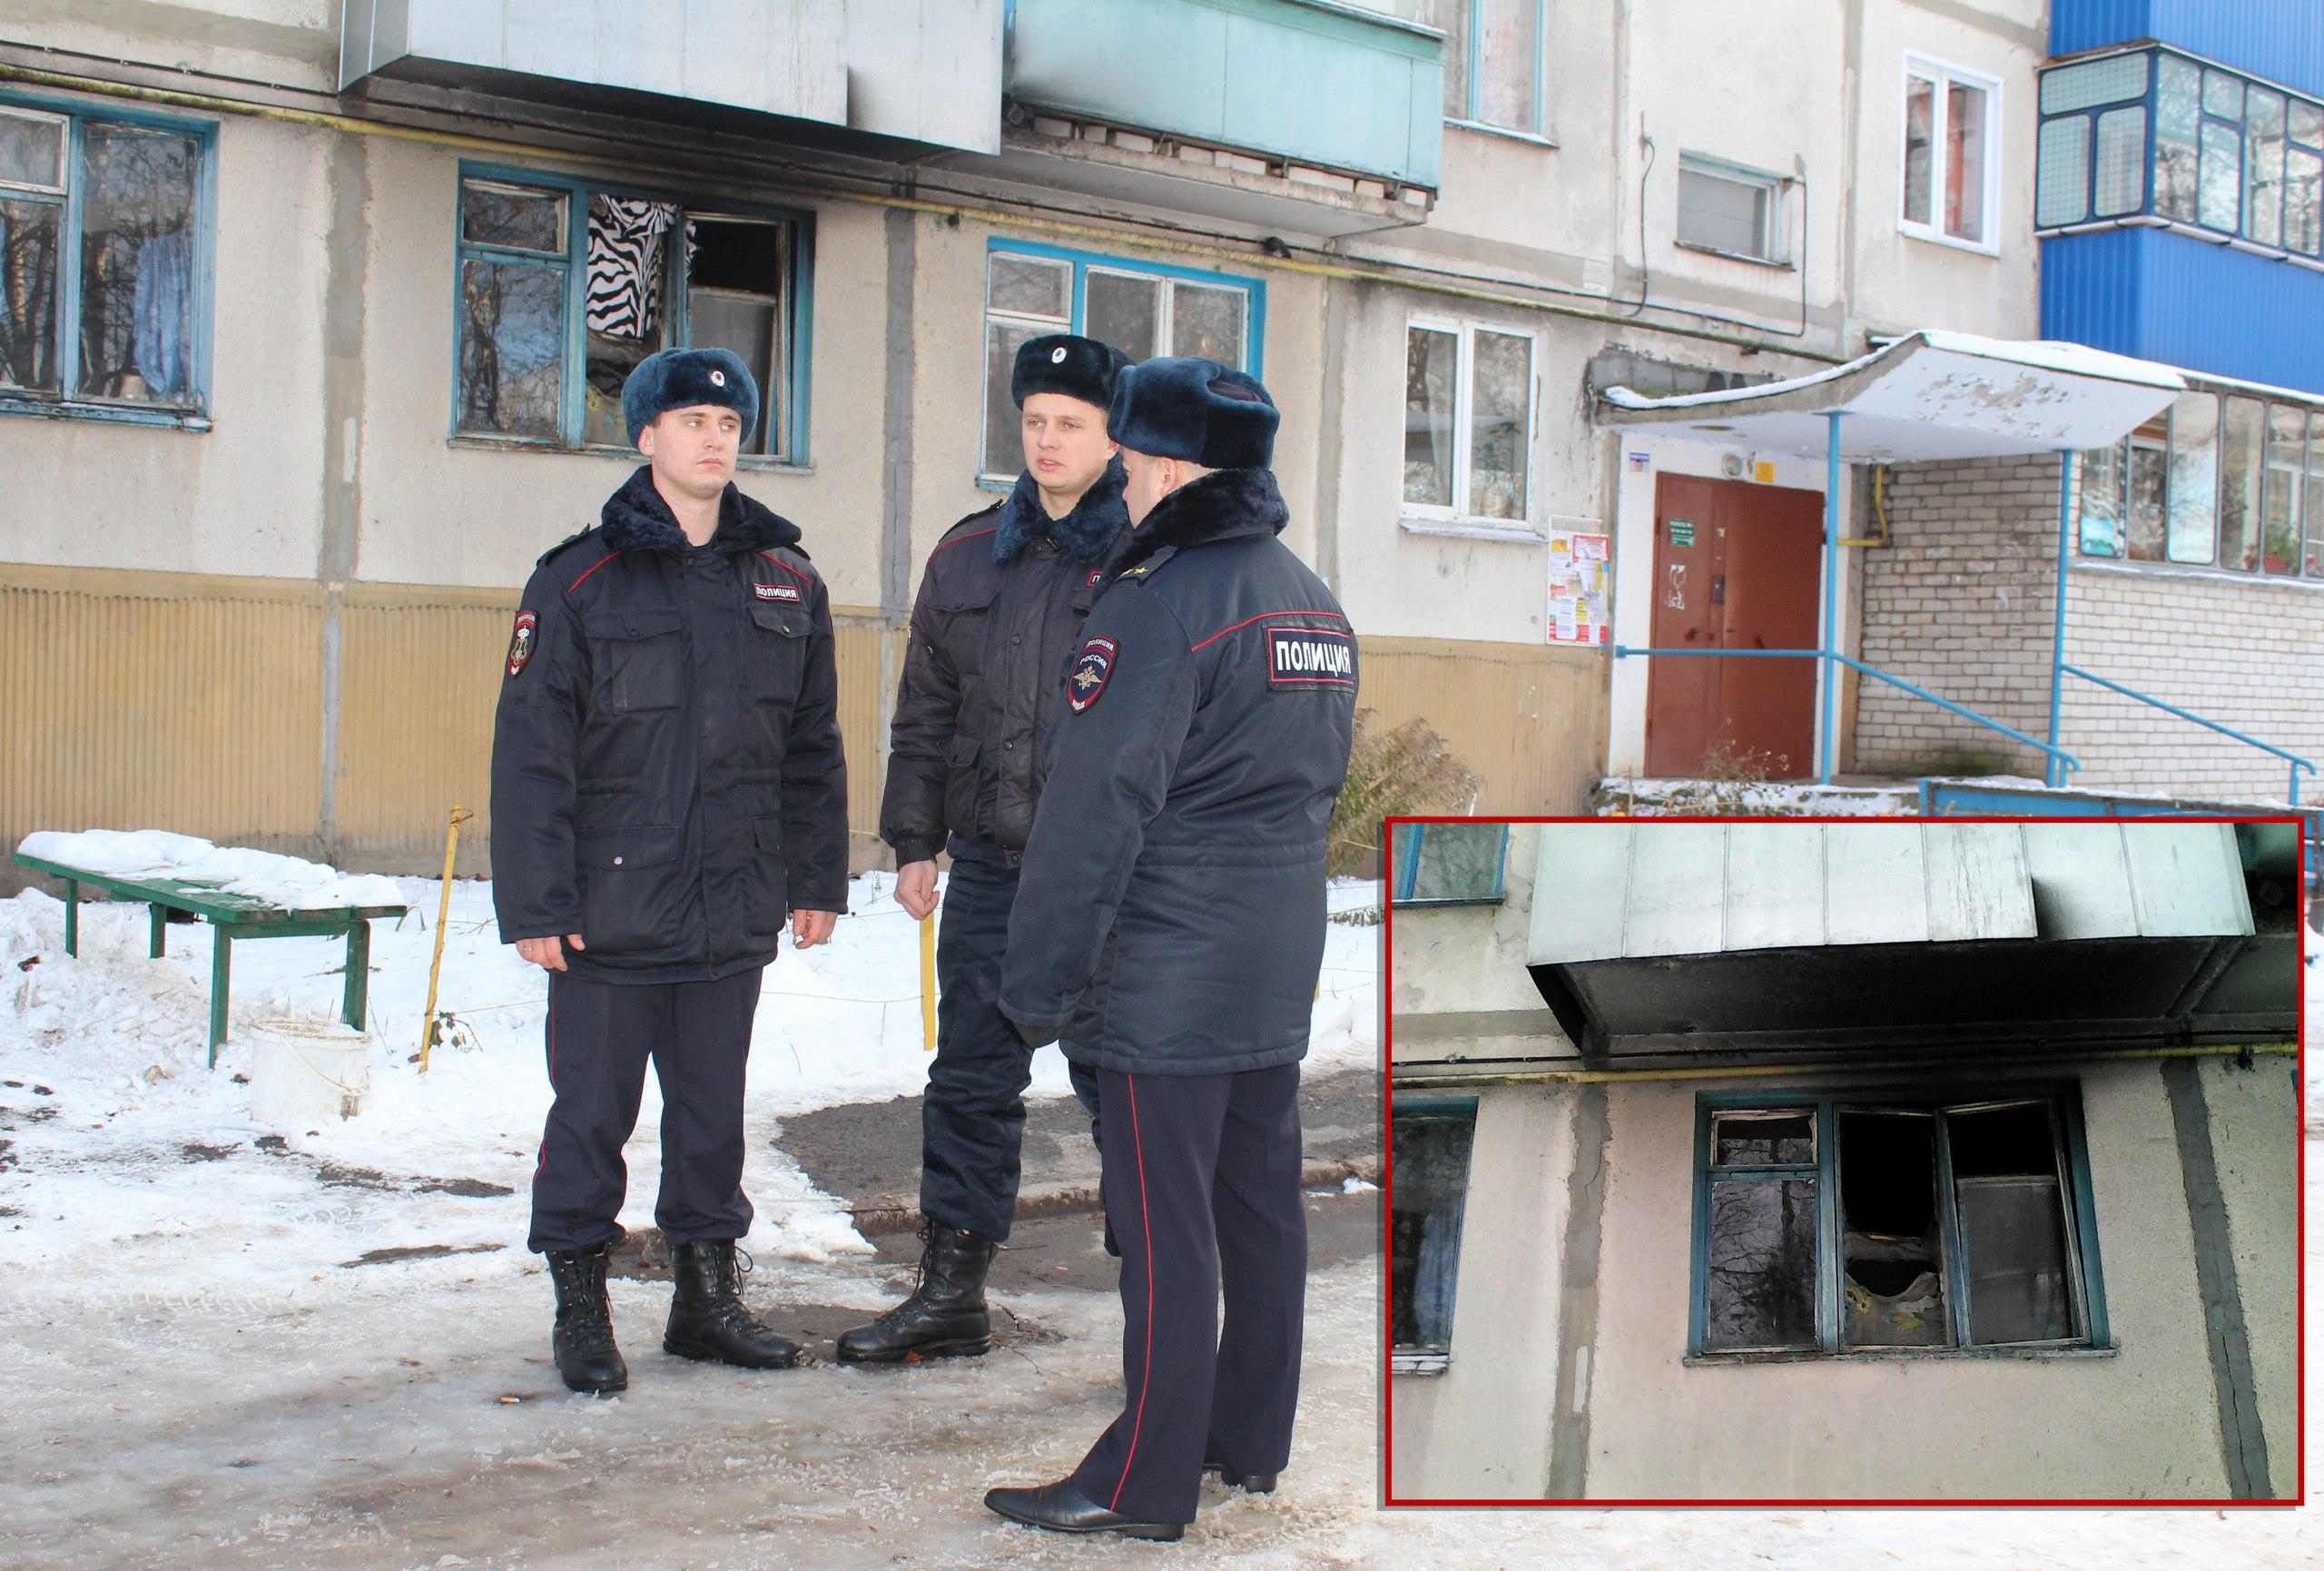 Курск. Гвардейцы вынесли 3-х  человек изгорящей квартиры наАэродромной